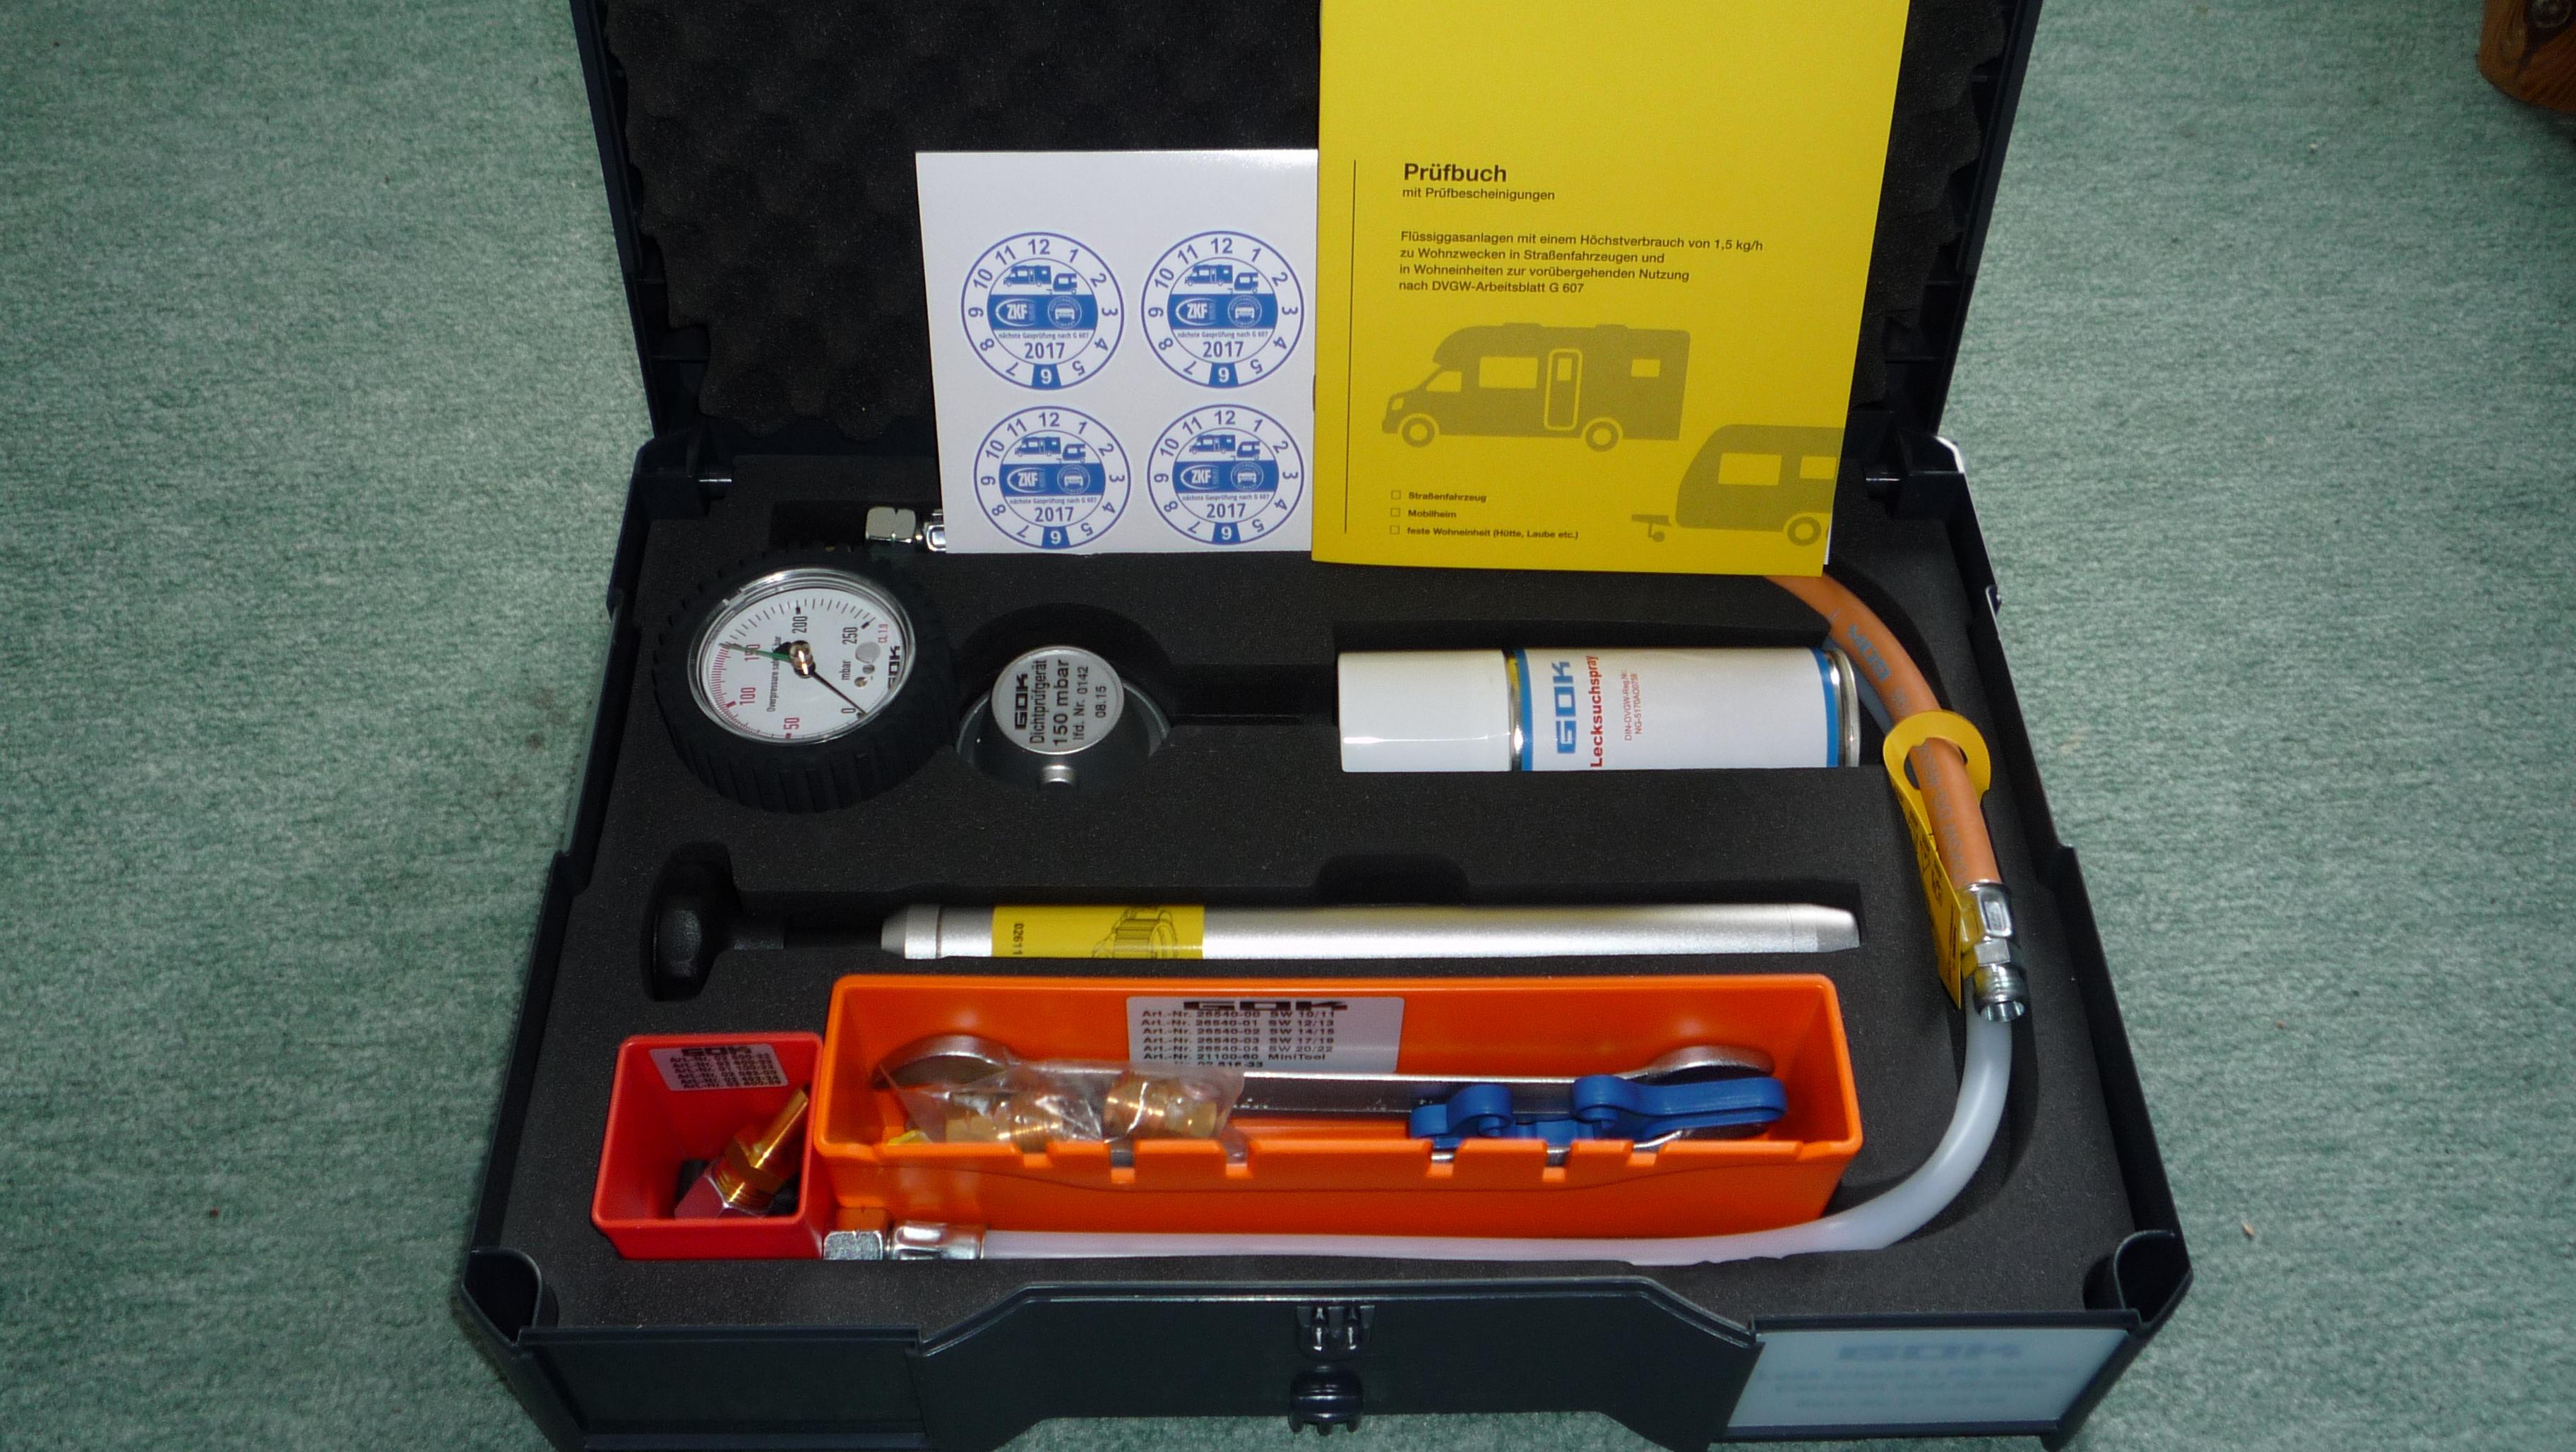 Koffer mit Prüfgerät für Gasprüfungen